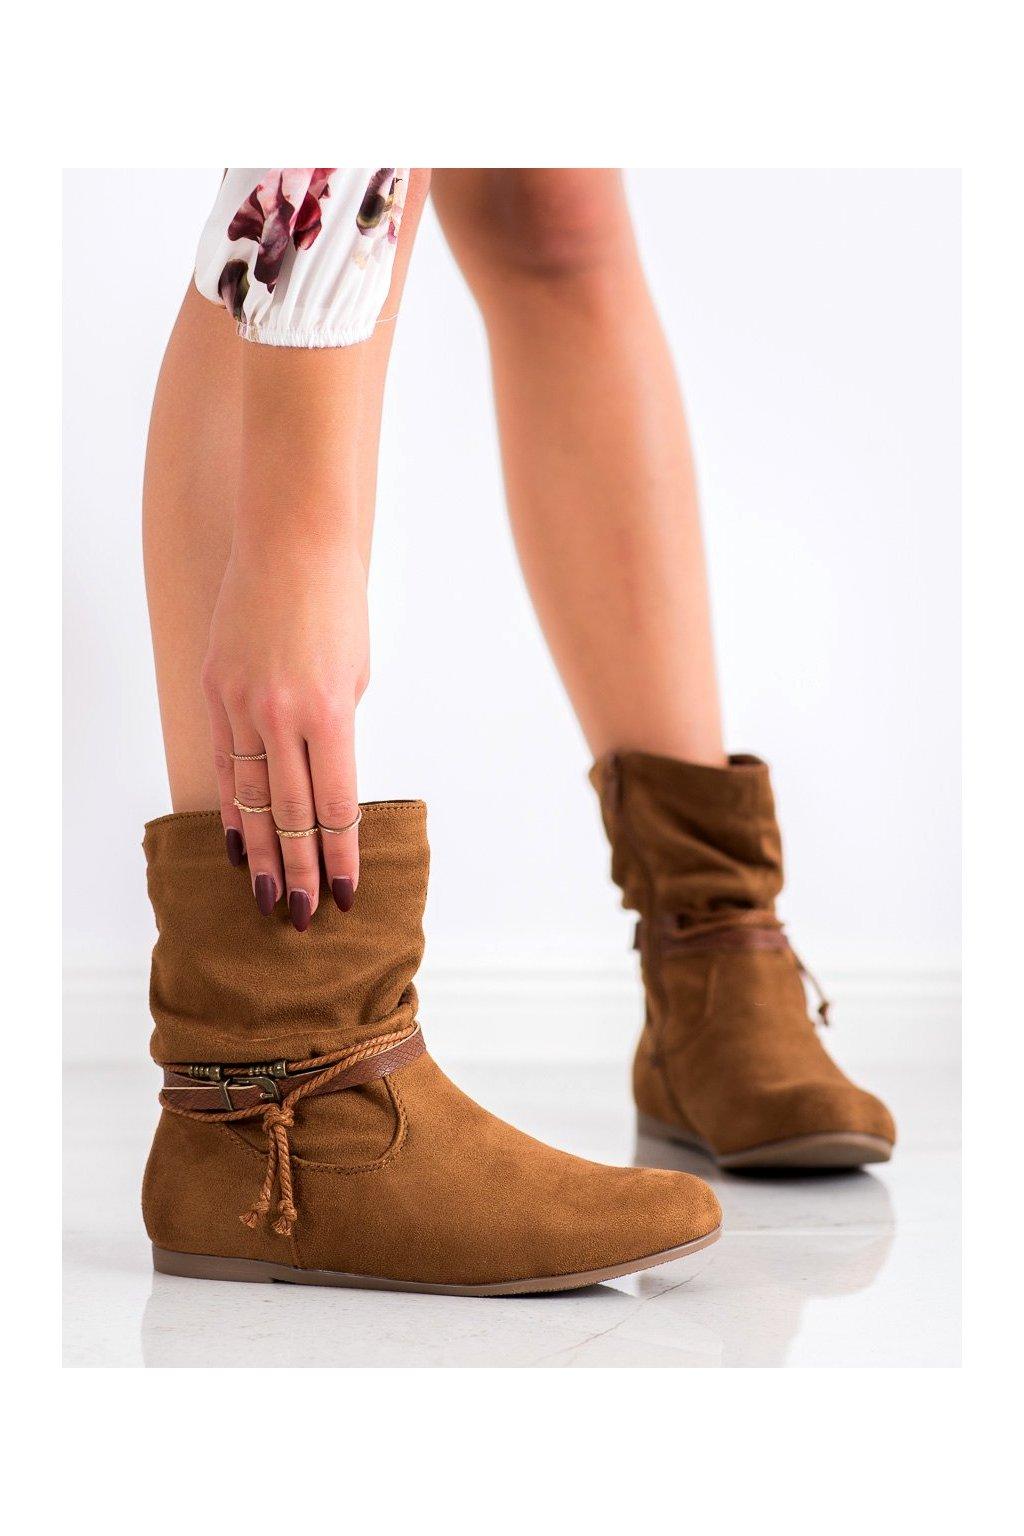 Hnedé dámske topánky Shelovet kod DH28C